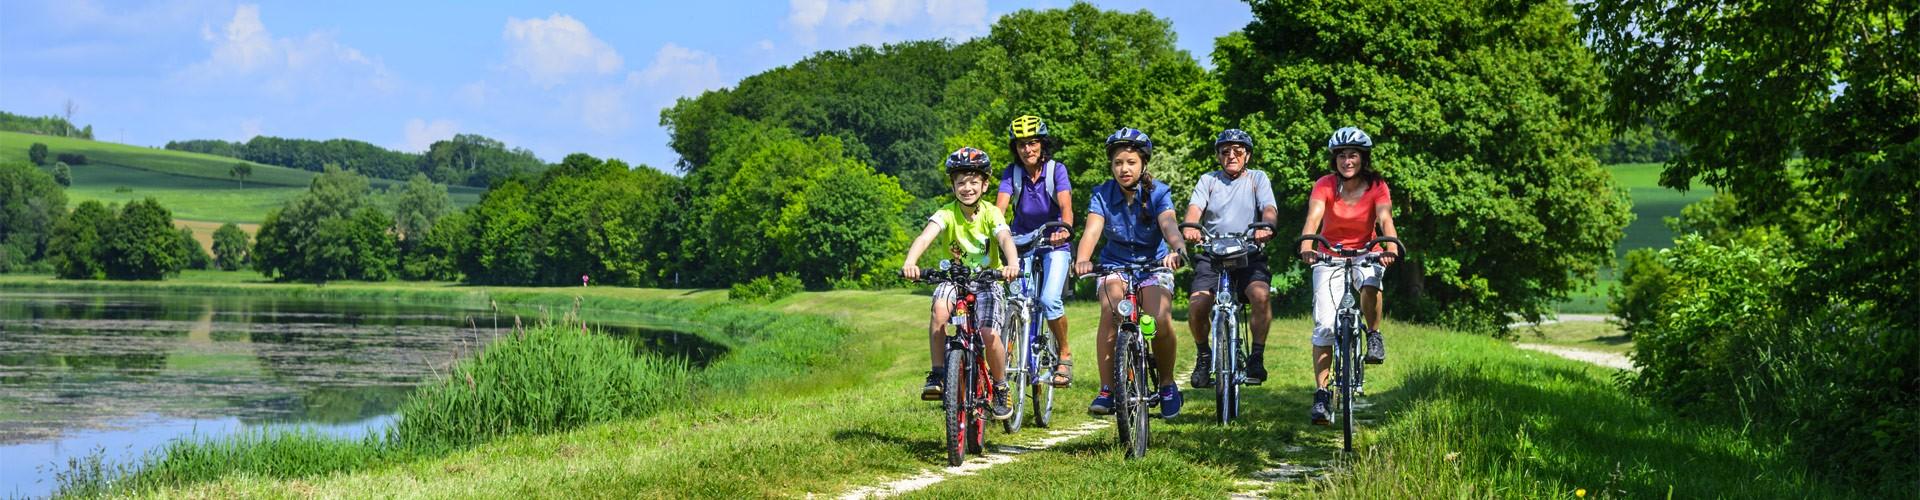 Radfahren mit der Familie in Berchtesgaden